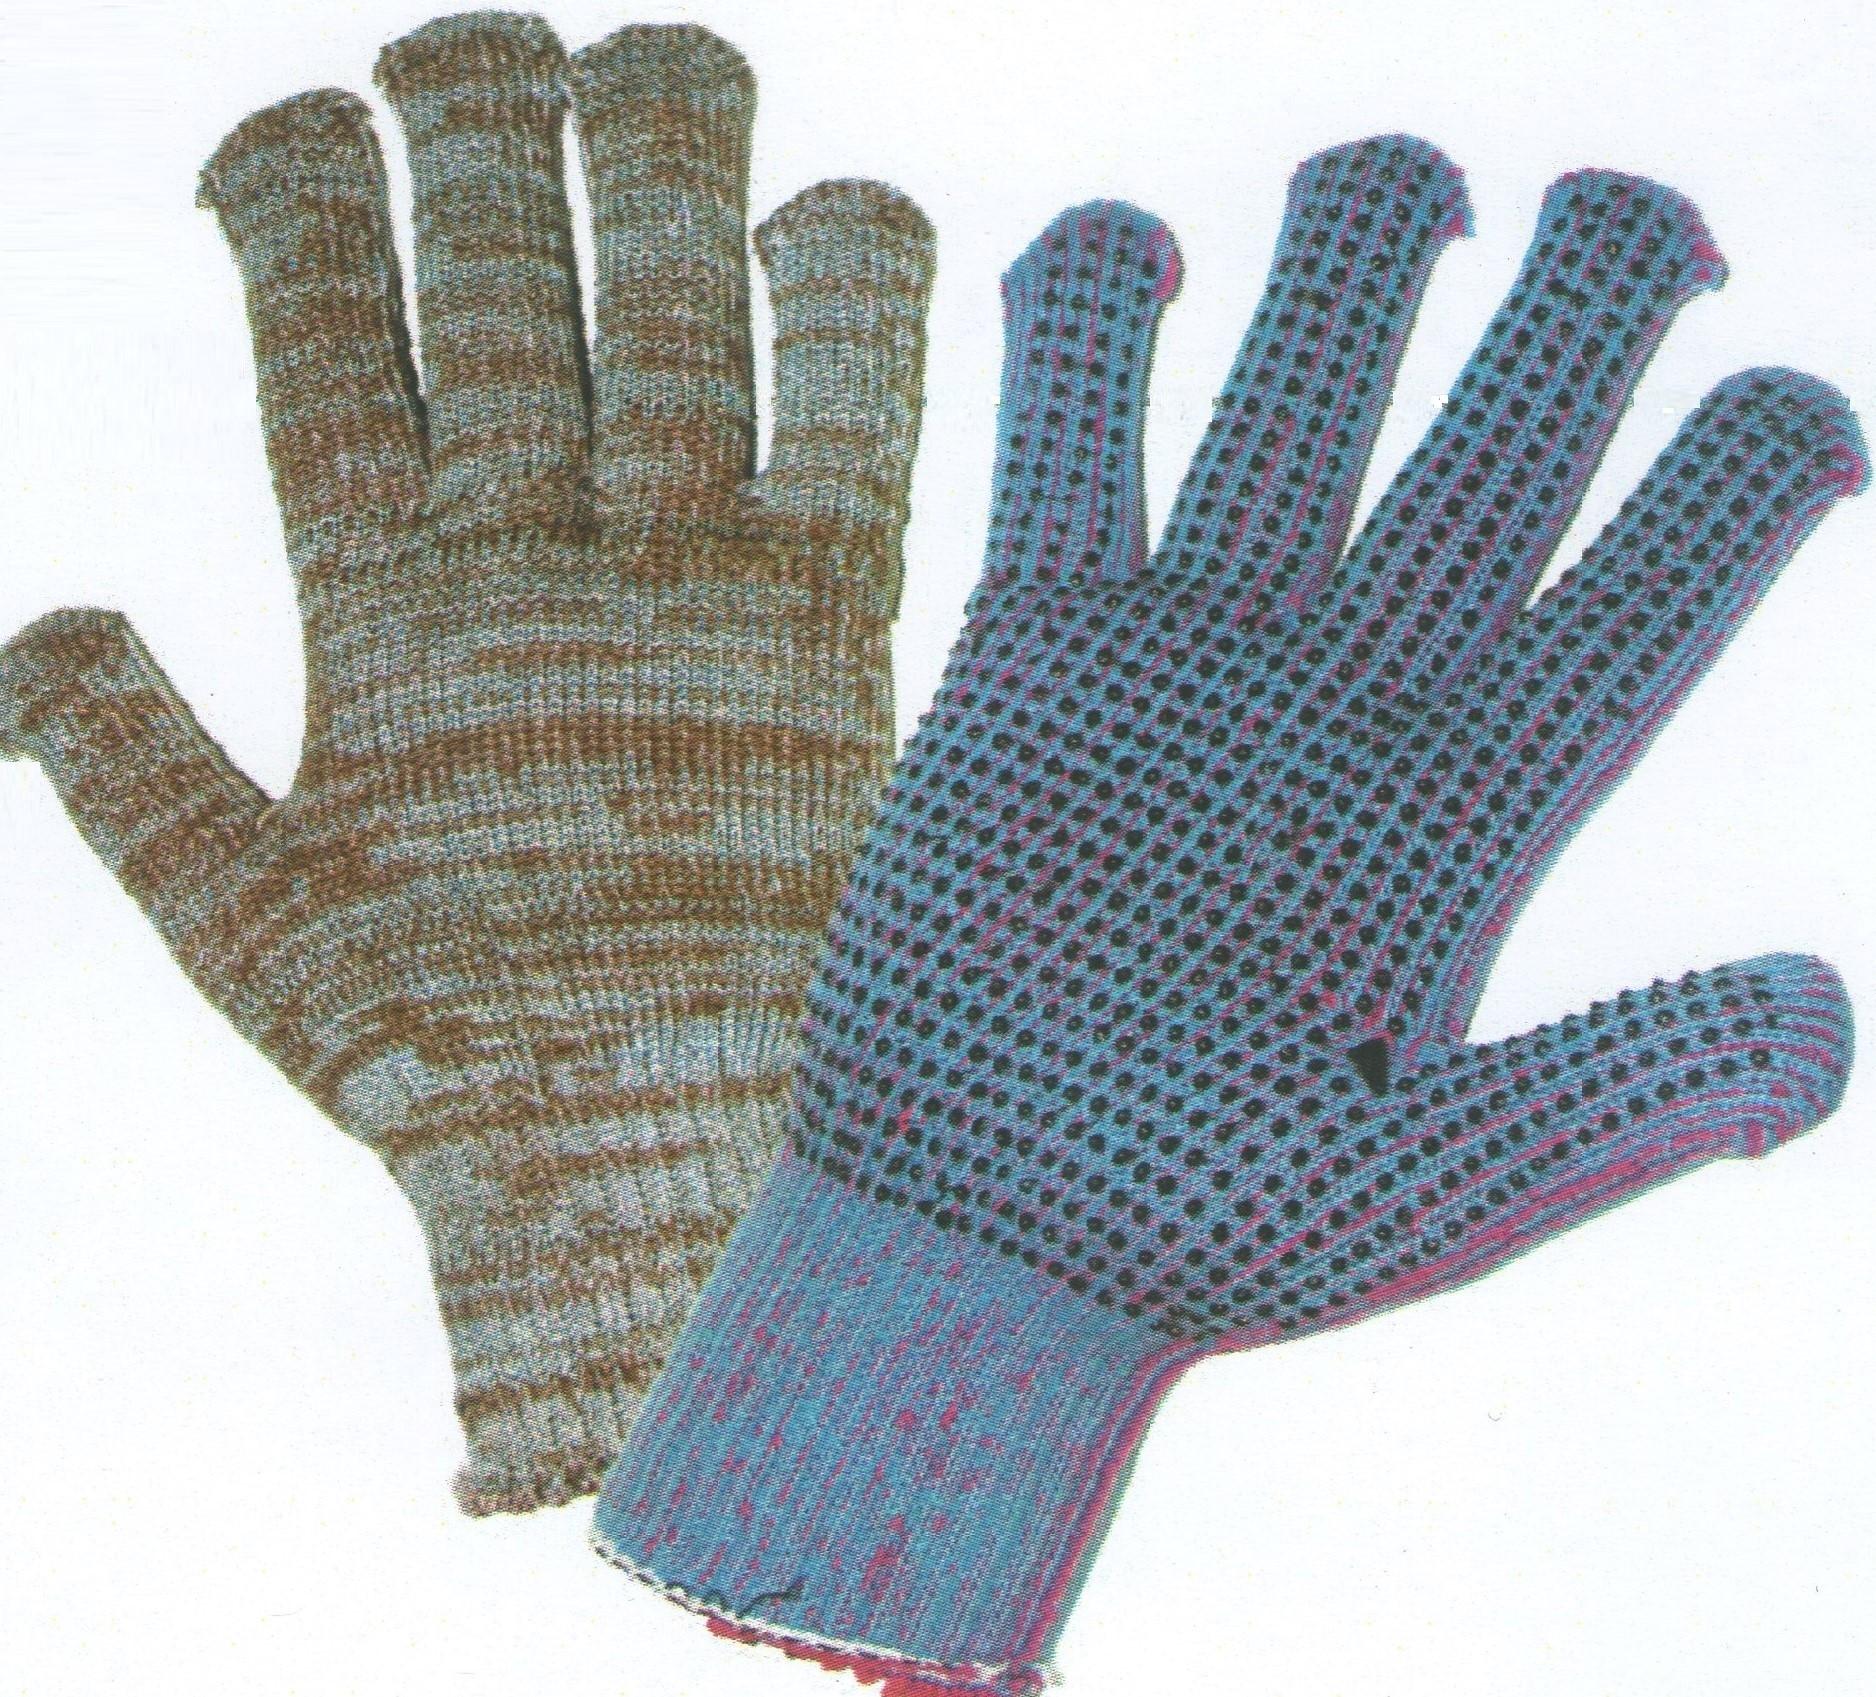 Γάντια δερμάτινα (κατσικί) ARGON 35cm. Ελληνική Κατασκευή